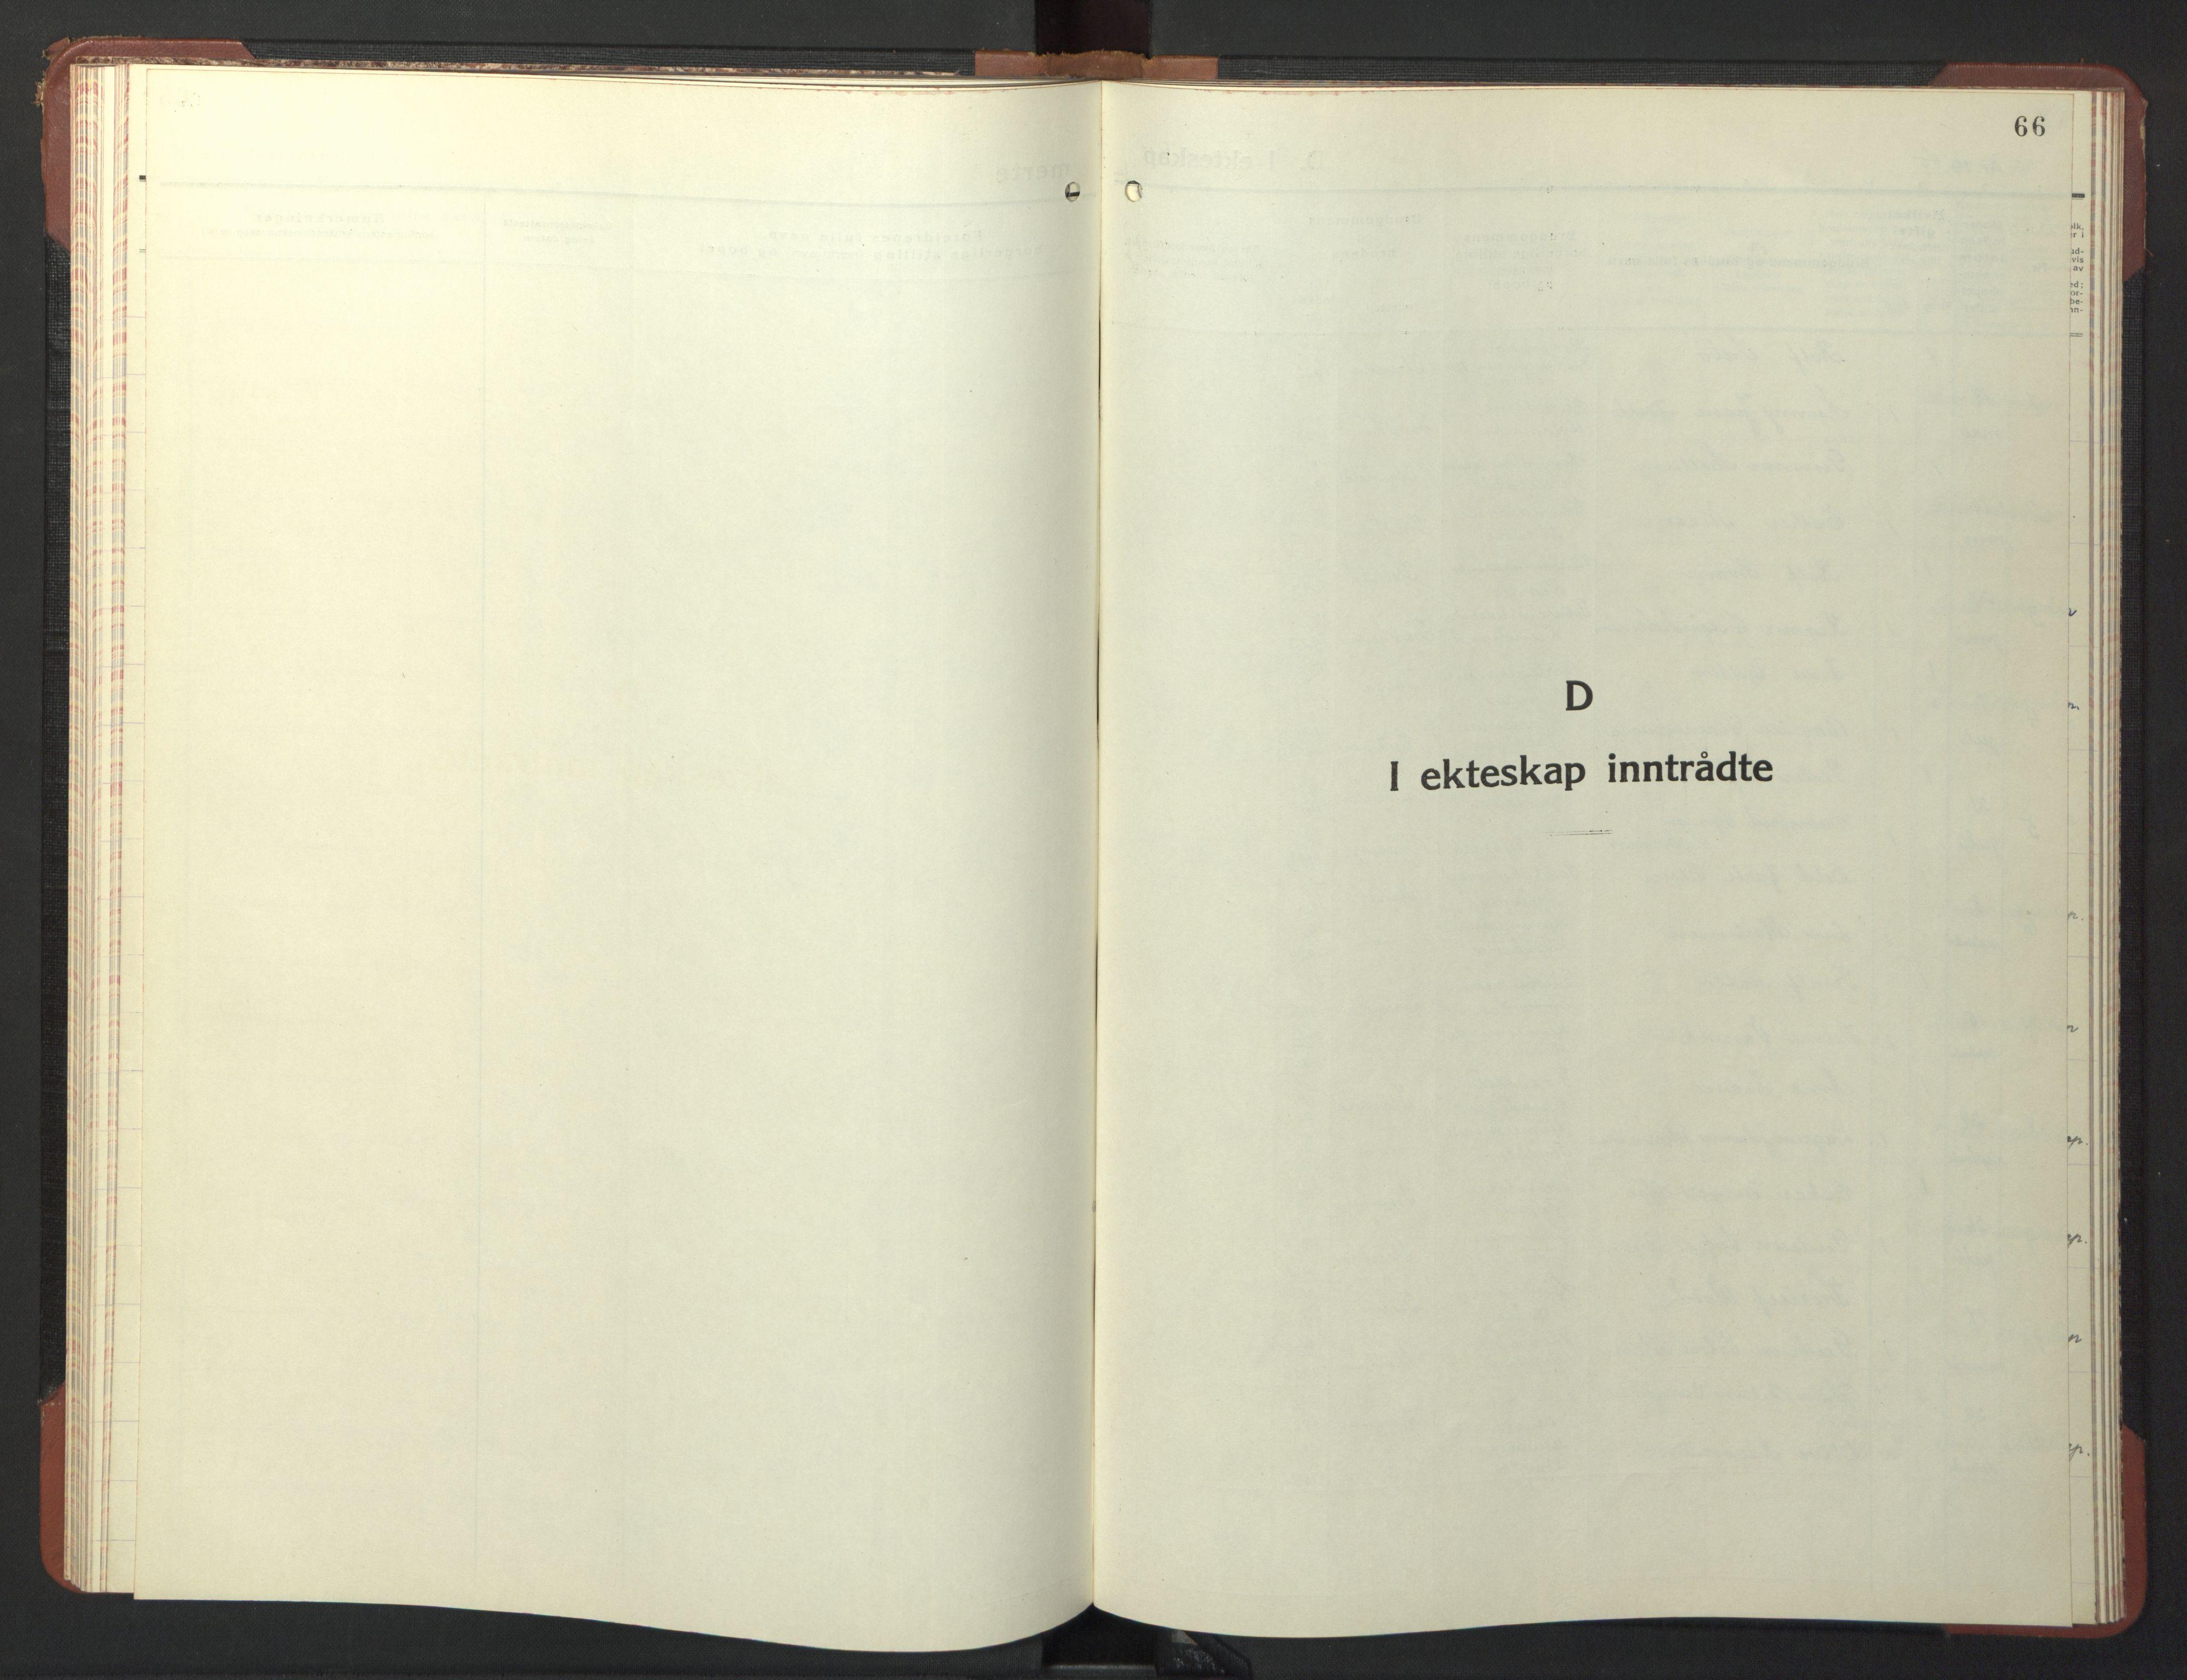 SAT, Ministerialprotokoller, klokkerbøker og fødselsregistre - Sør-Trøndelag, 611/L0358: Klokkerbok nr. 611C06, 1943-1946, s. 66